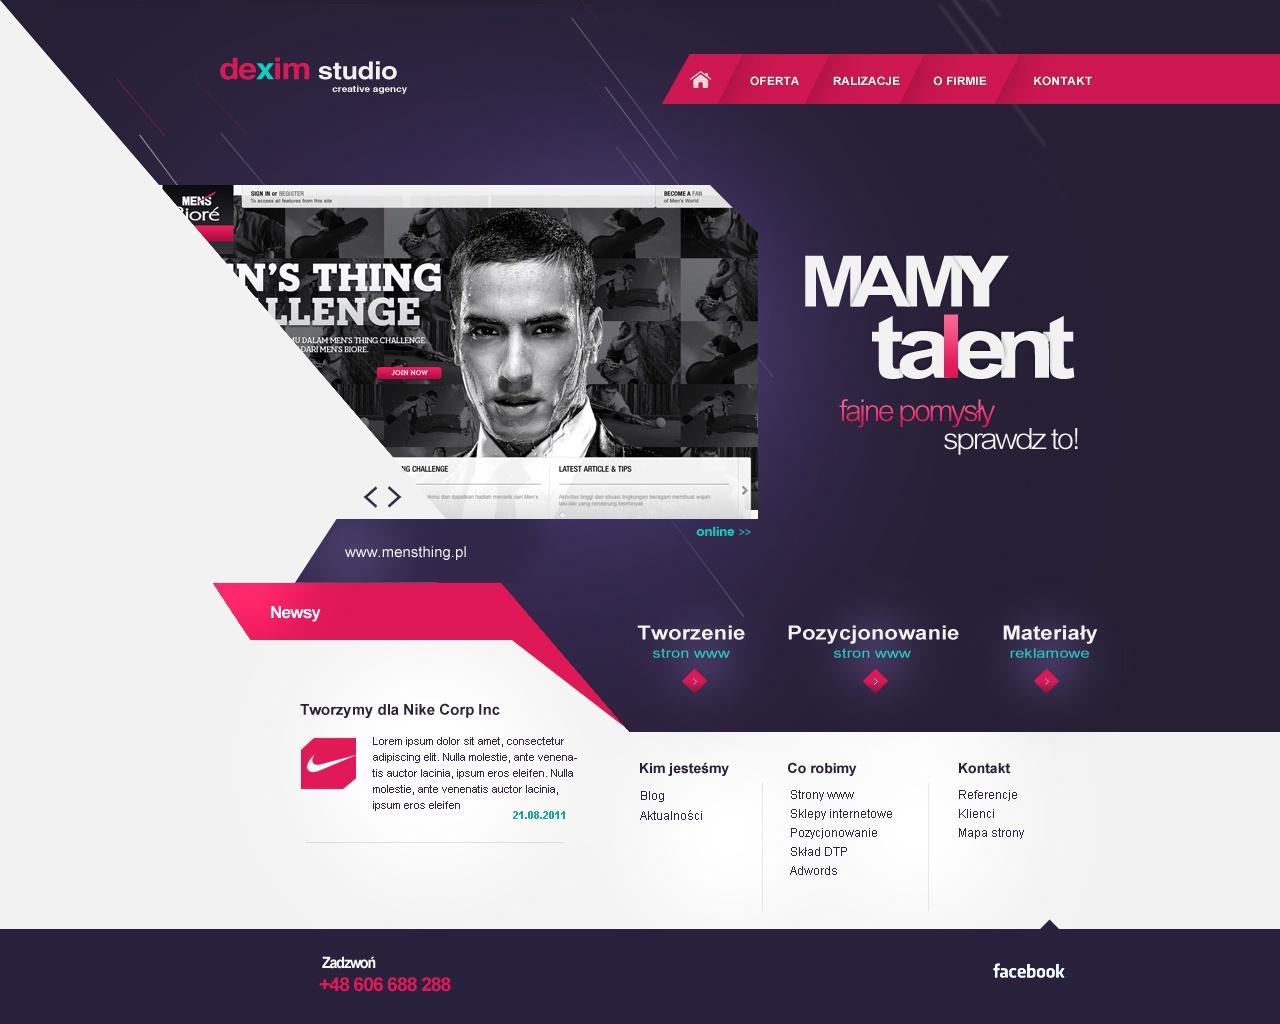 Agency site by dexx27